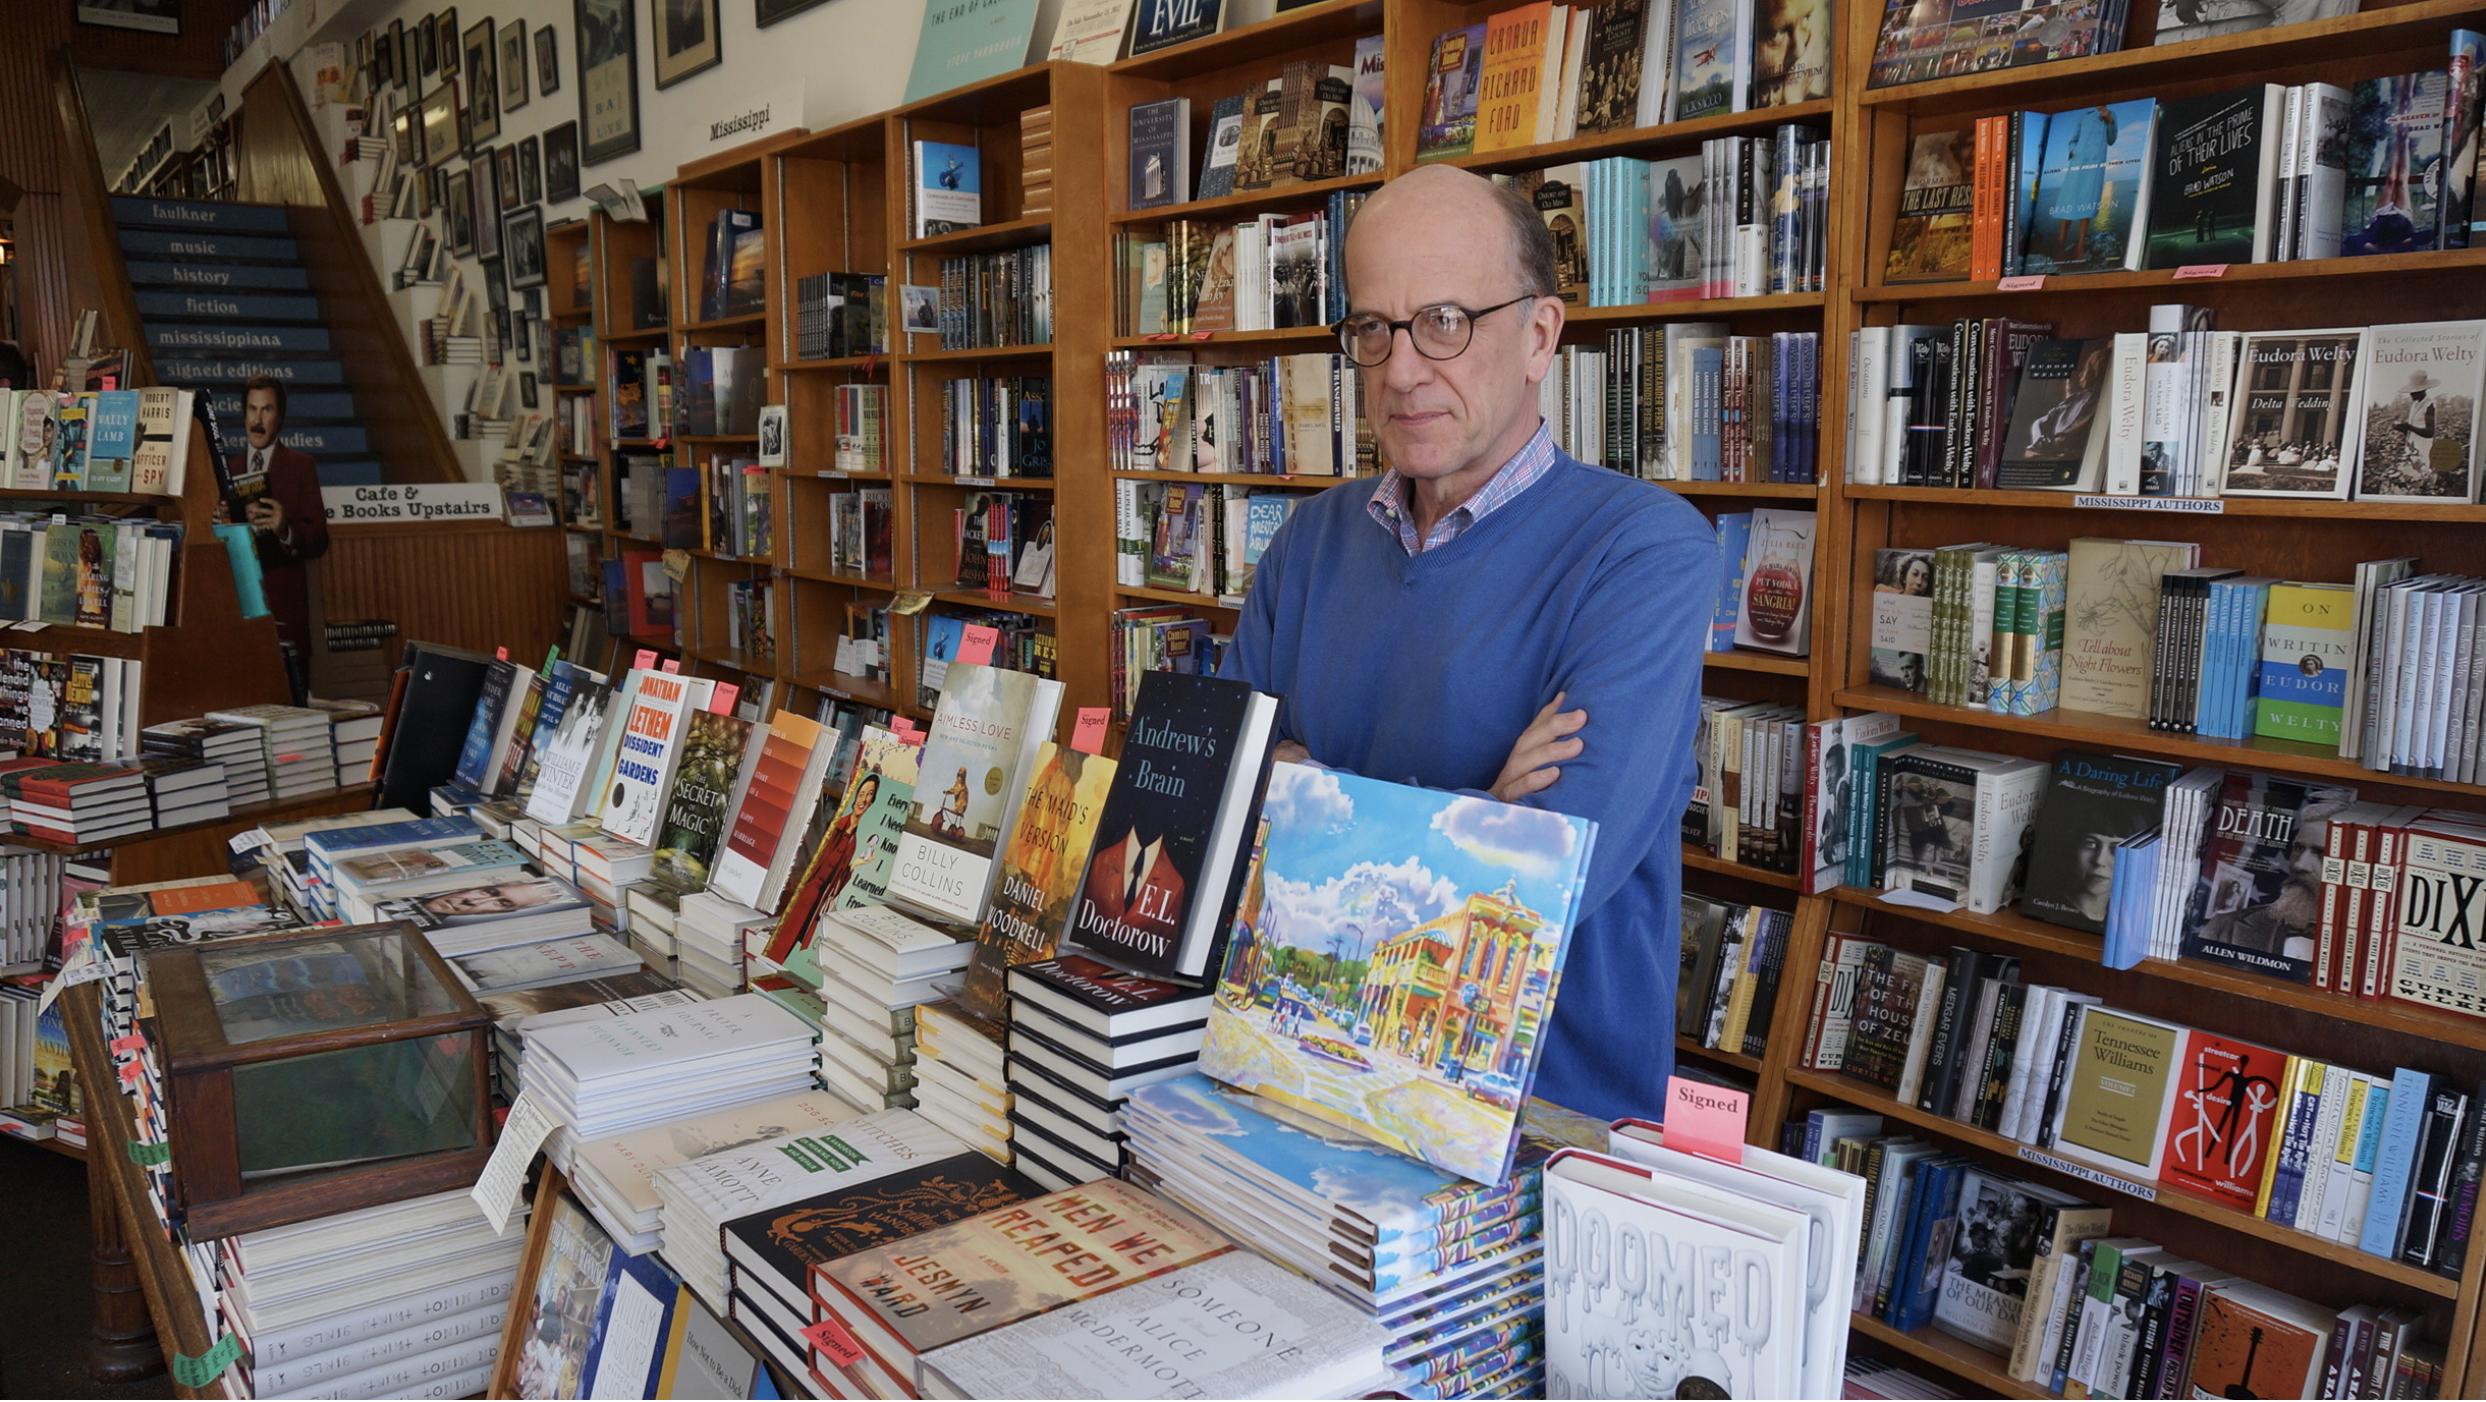 Richard Howorth, Square Books, Oxford, Mississippi